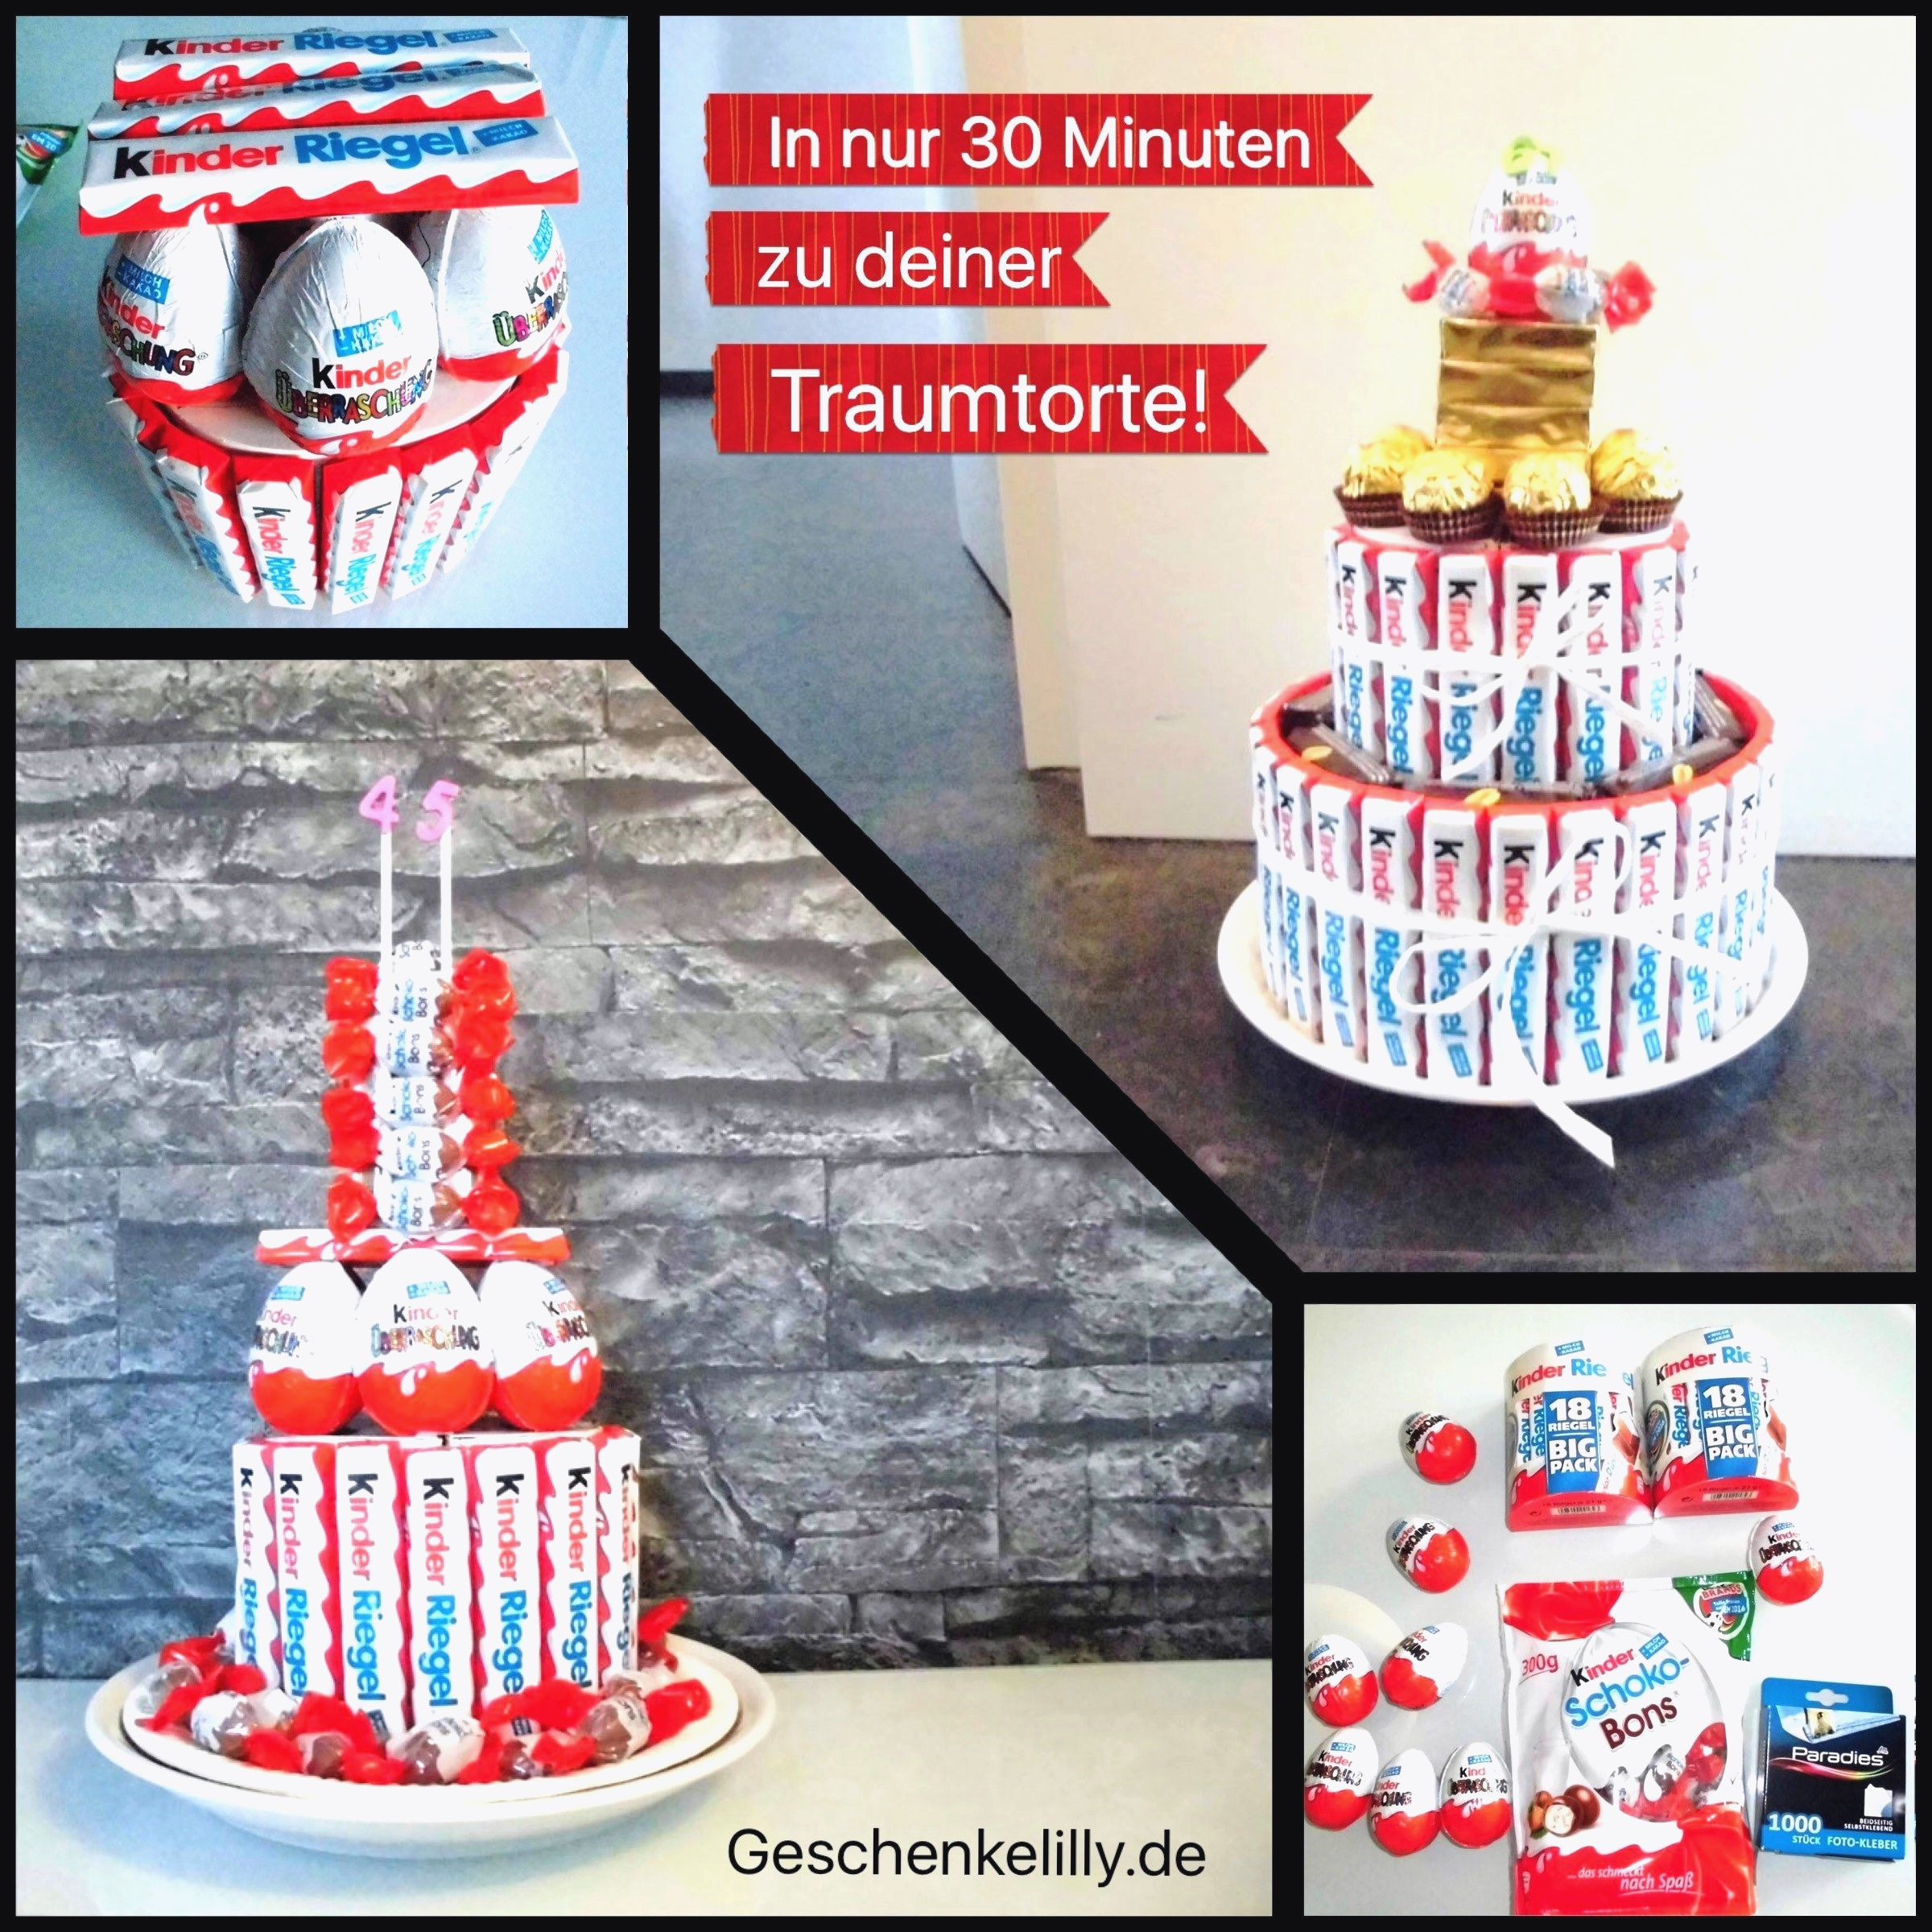 Geschenke 18 Geburtstag Selber Machen  Lustige Geschenke Zum 18 Geburtstag Selber Machen